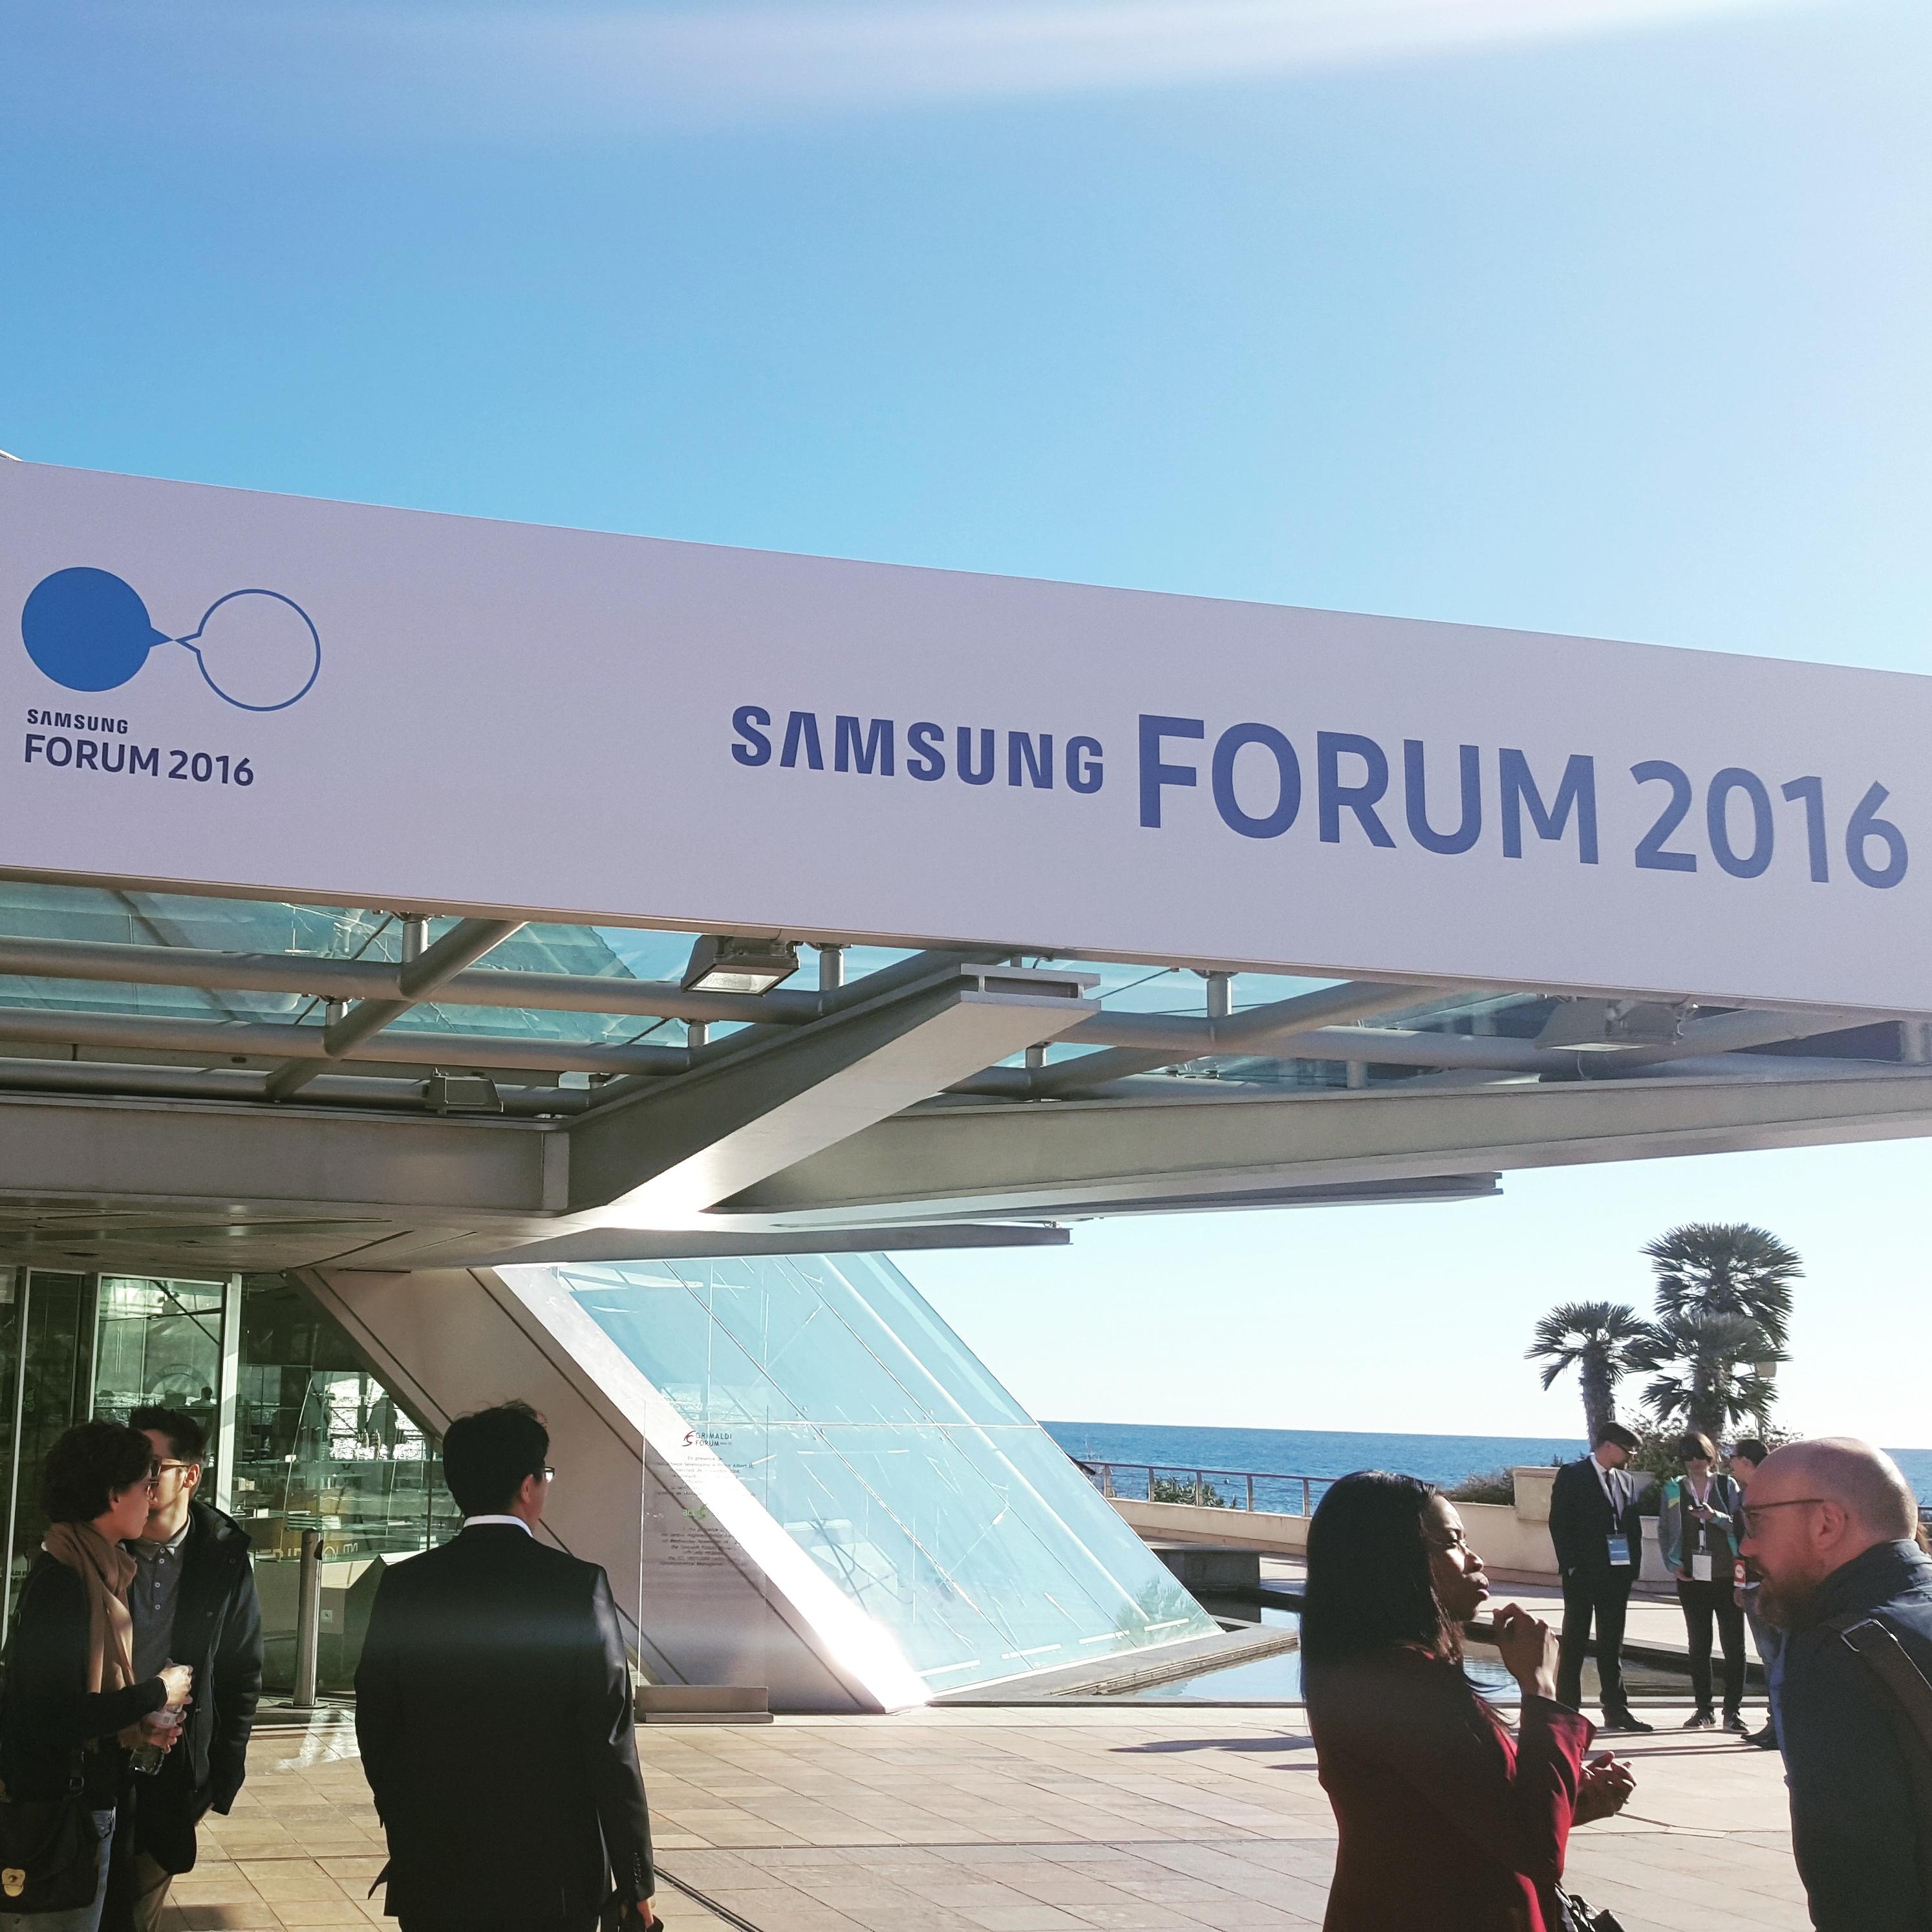 Samsung Forum 2016